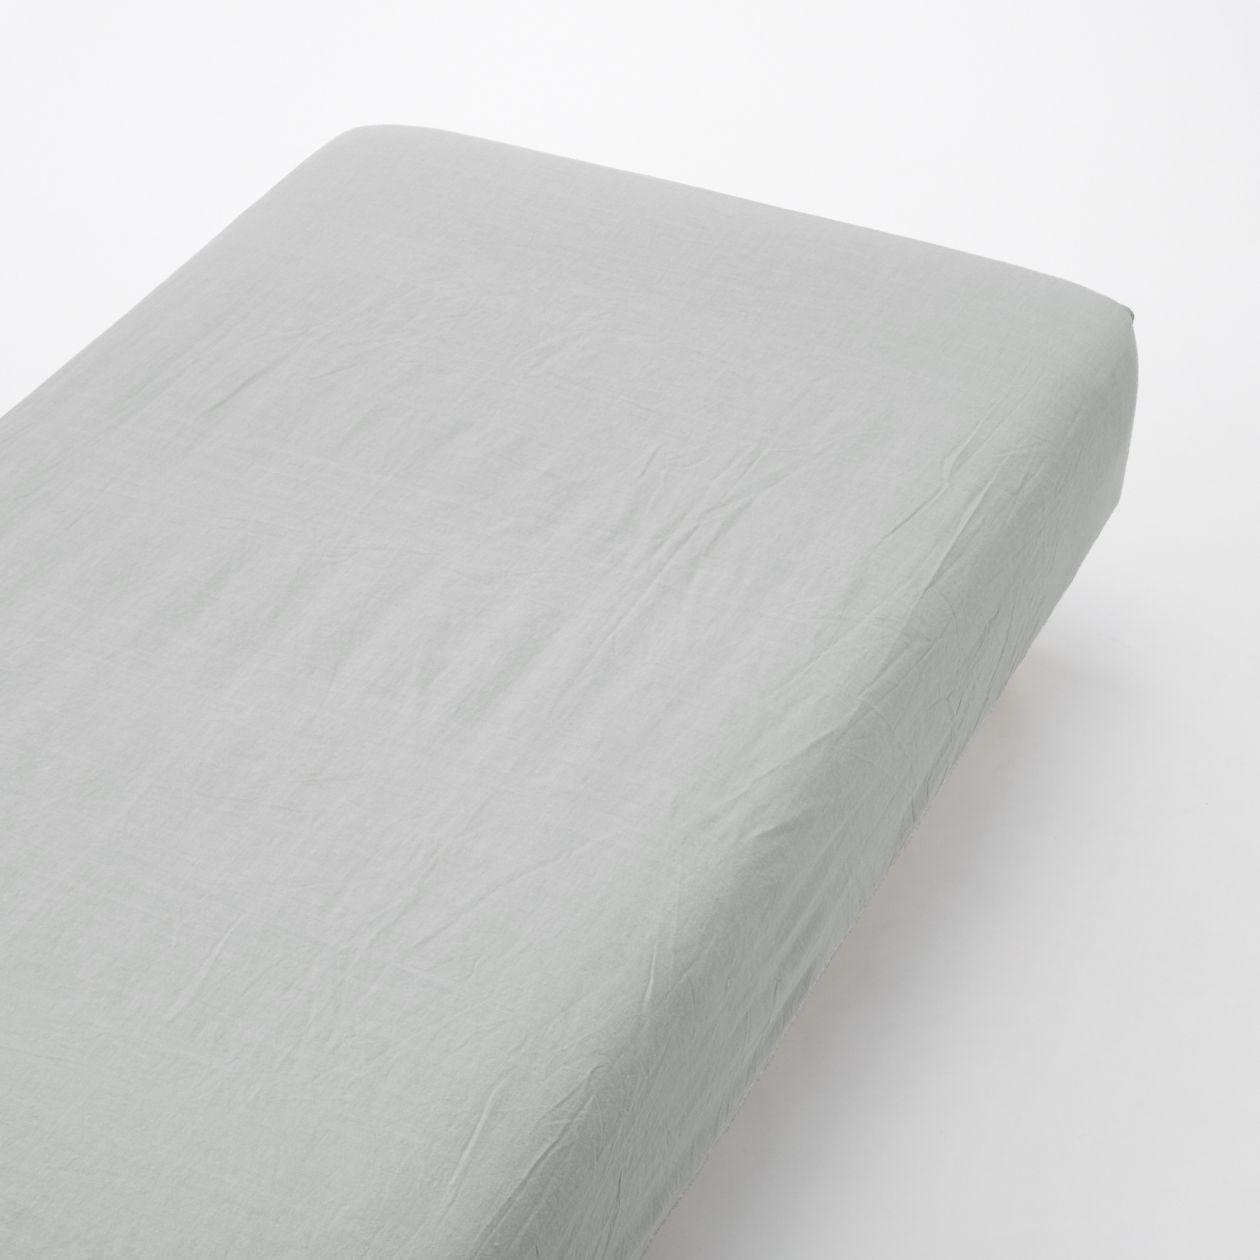 綿洗いざらしボックスシーツ・D/グレー